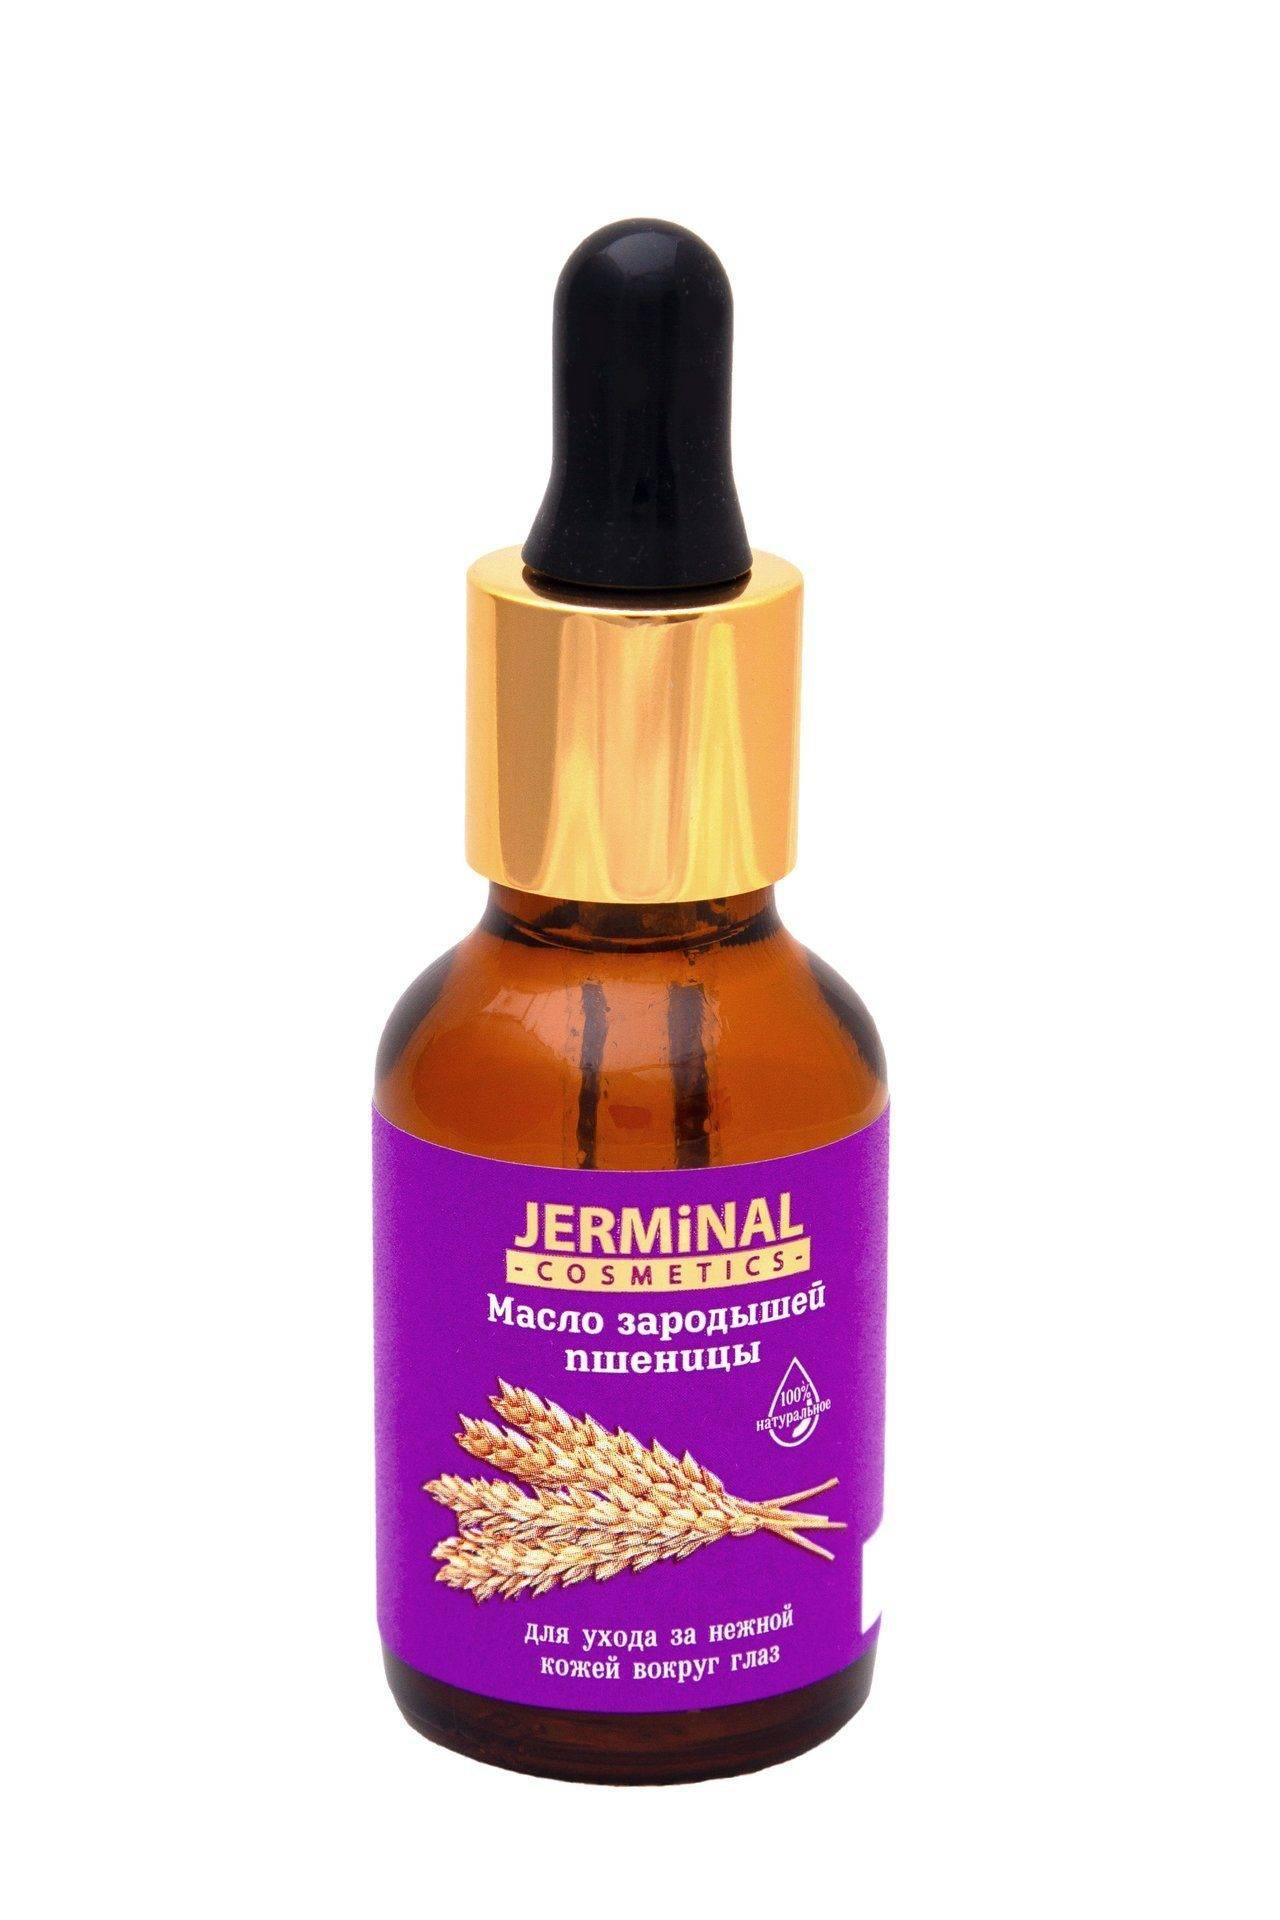 Масло зародышей пшеницы для бровей